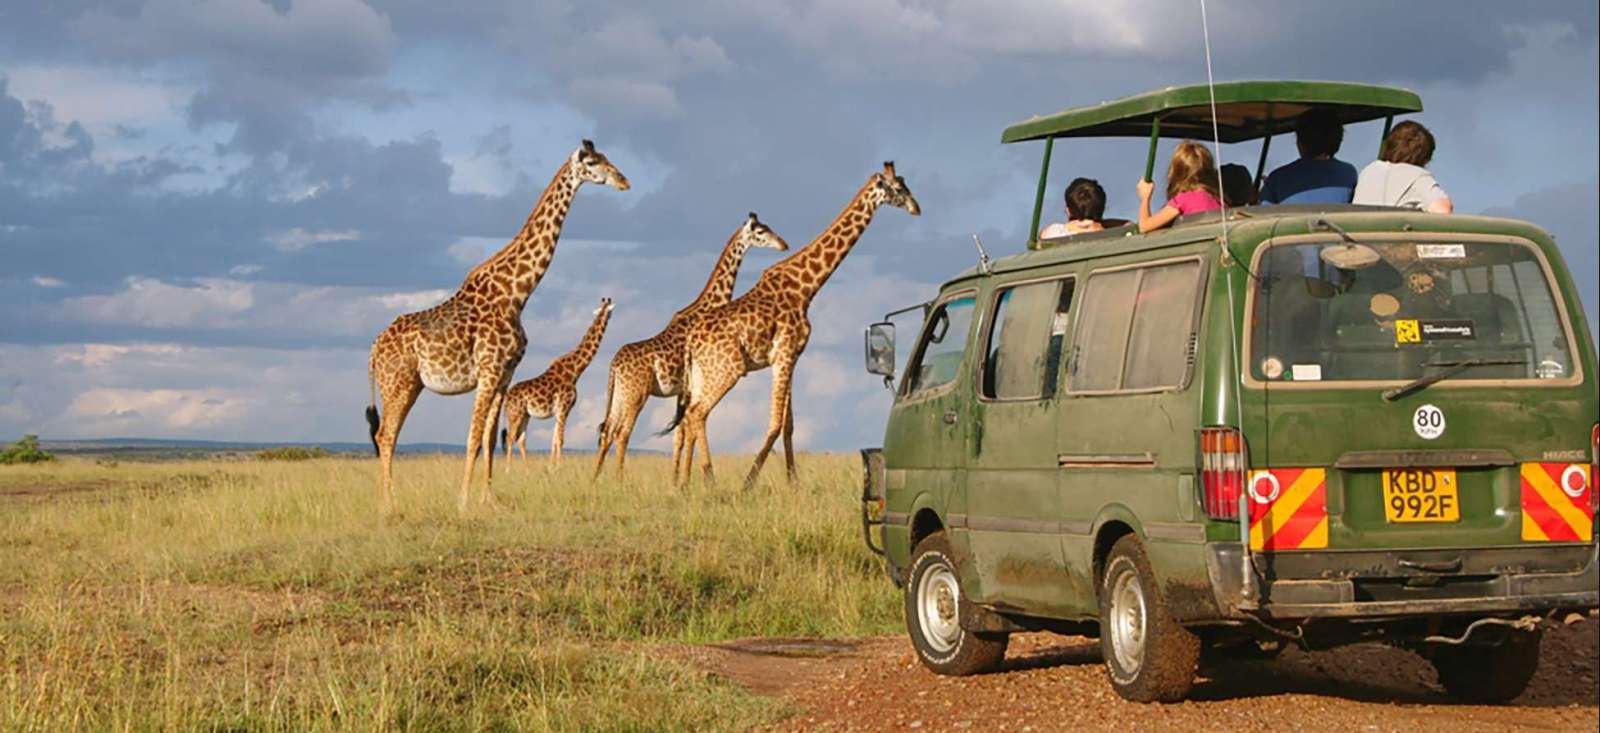 Voyage en véhicule : Il était une fois au Kenya...